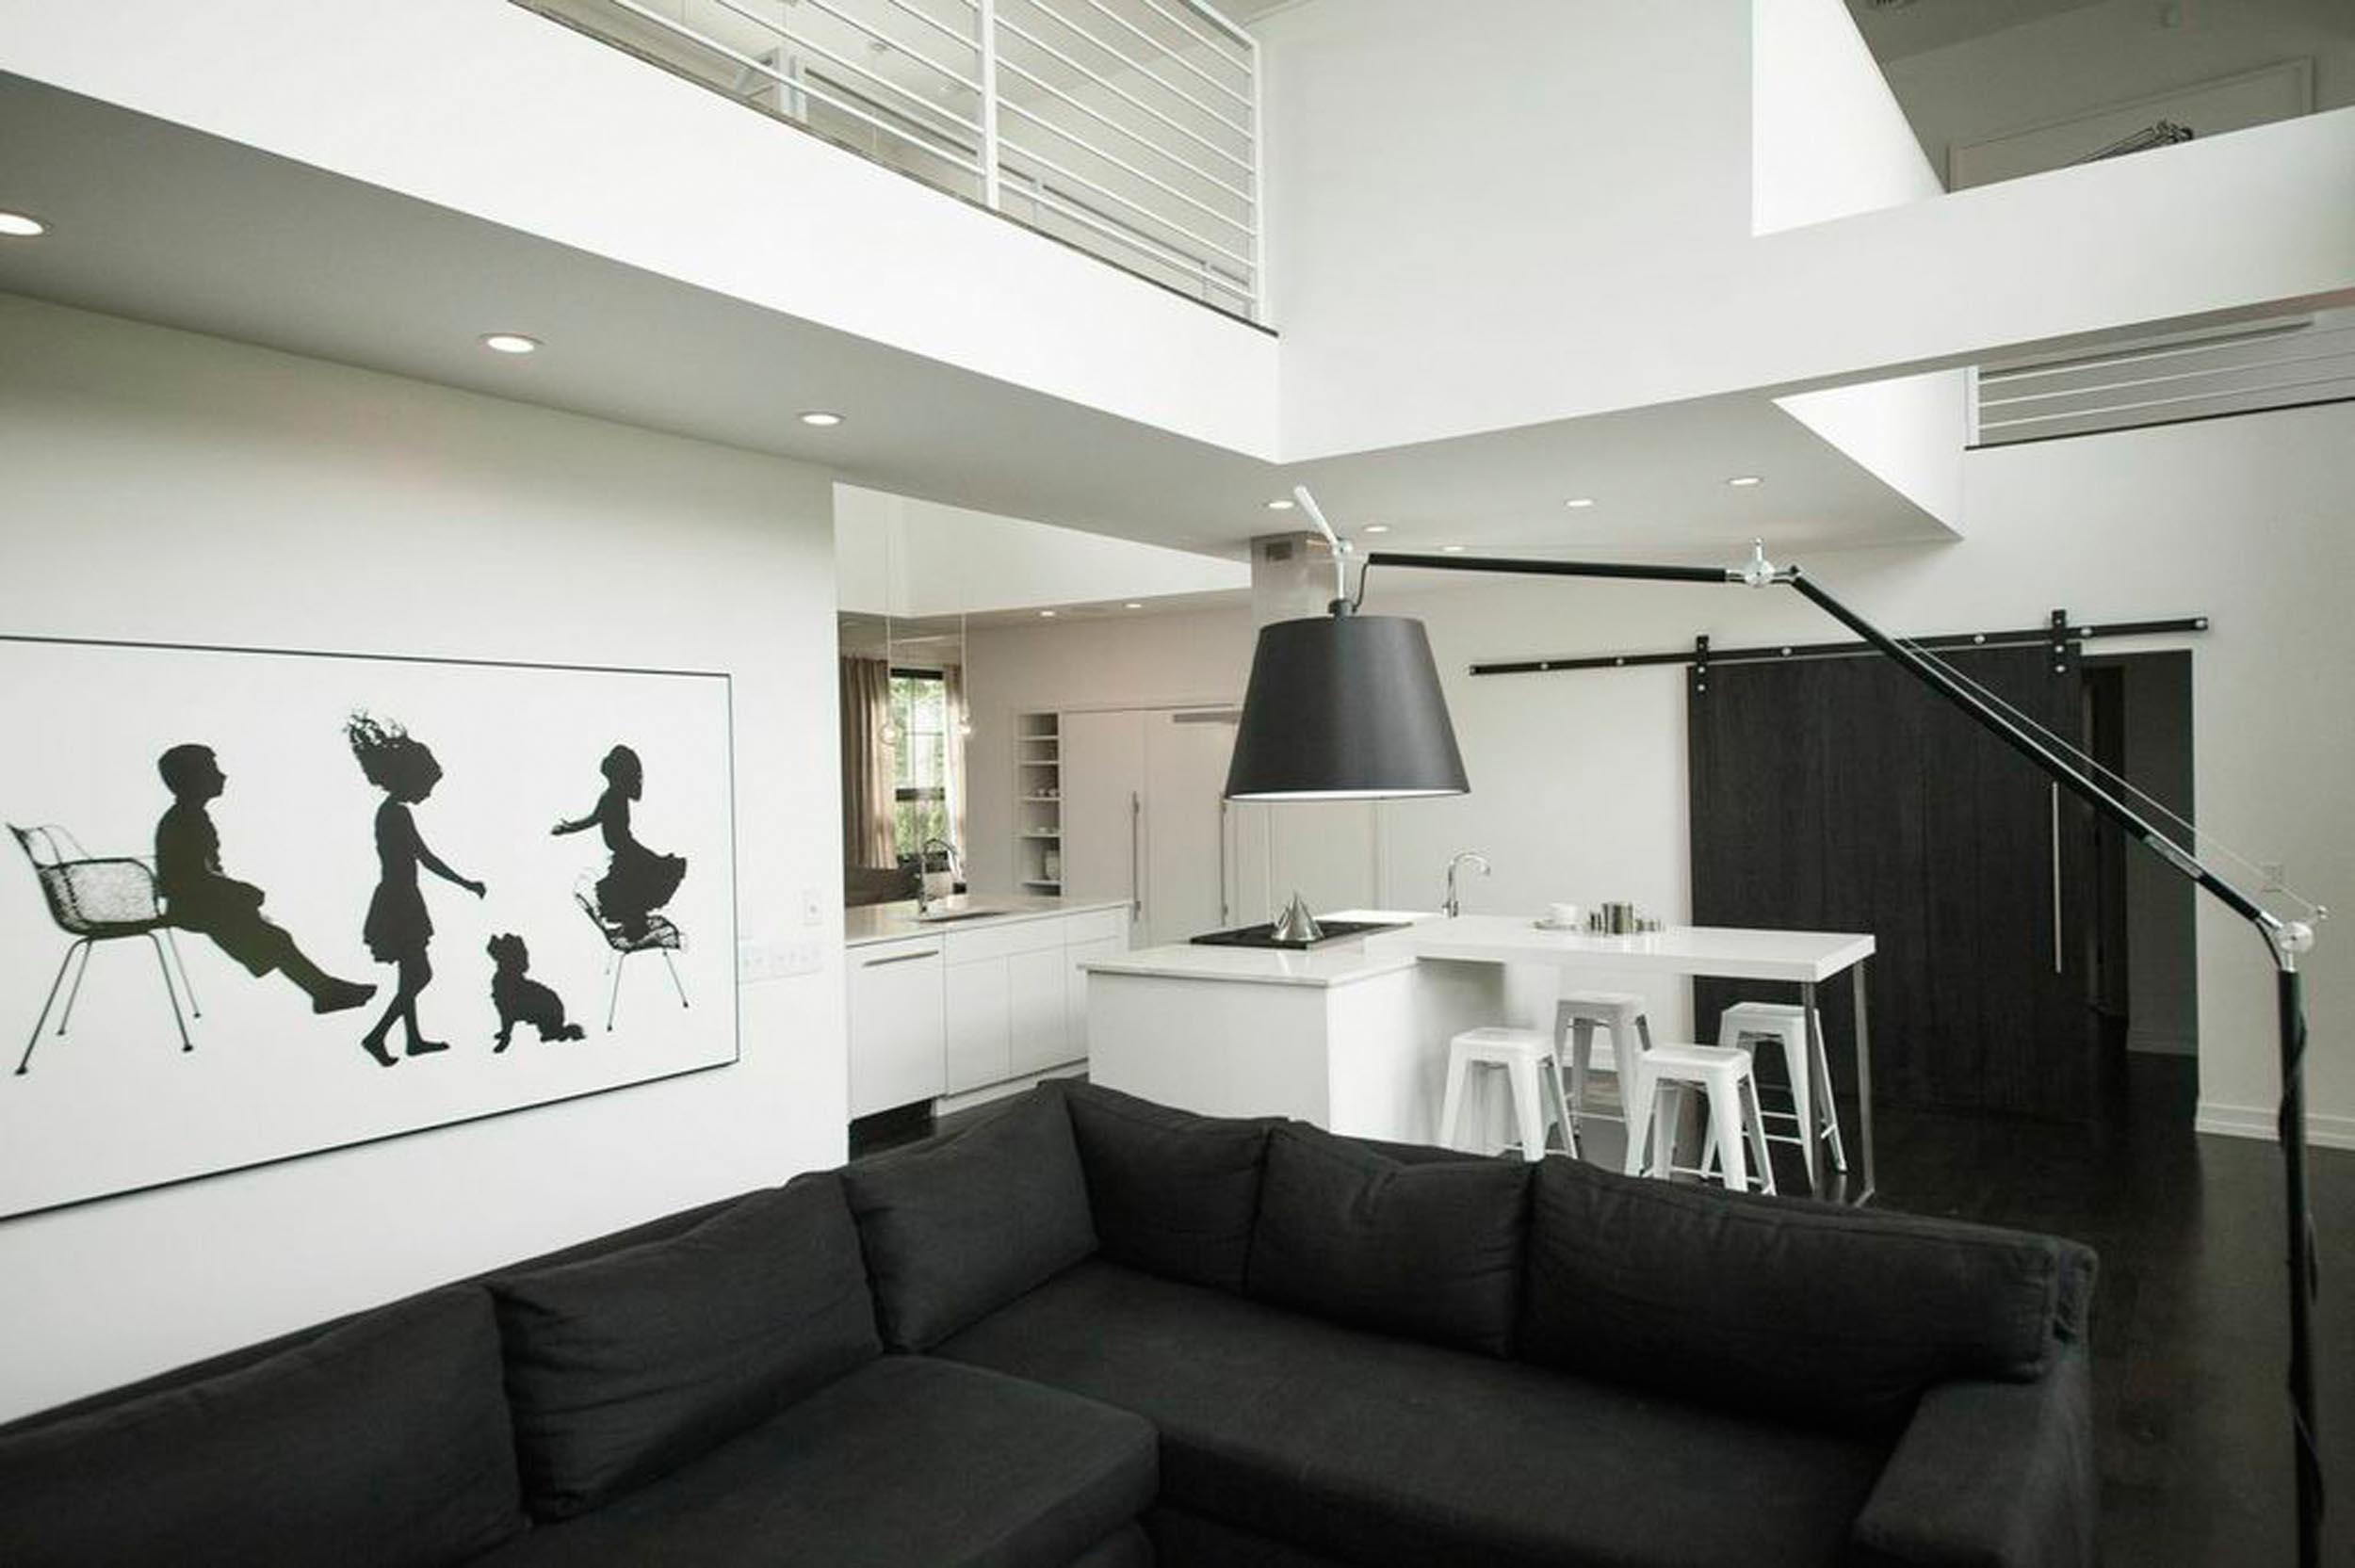 Leo_Designs_Chicago_interior_design_modern_traverse_city_transformation11.jpg